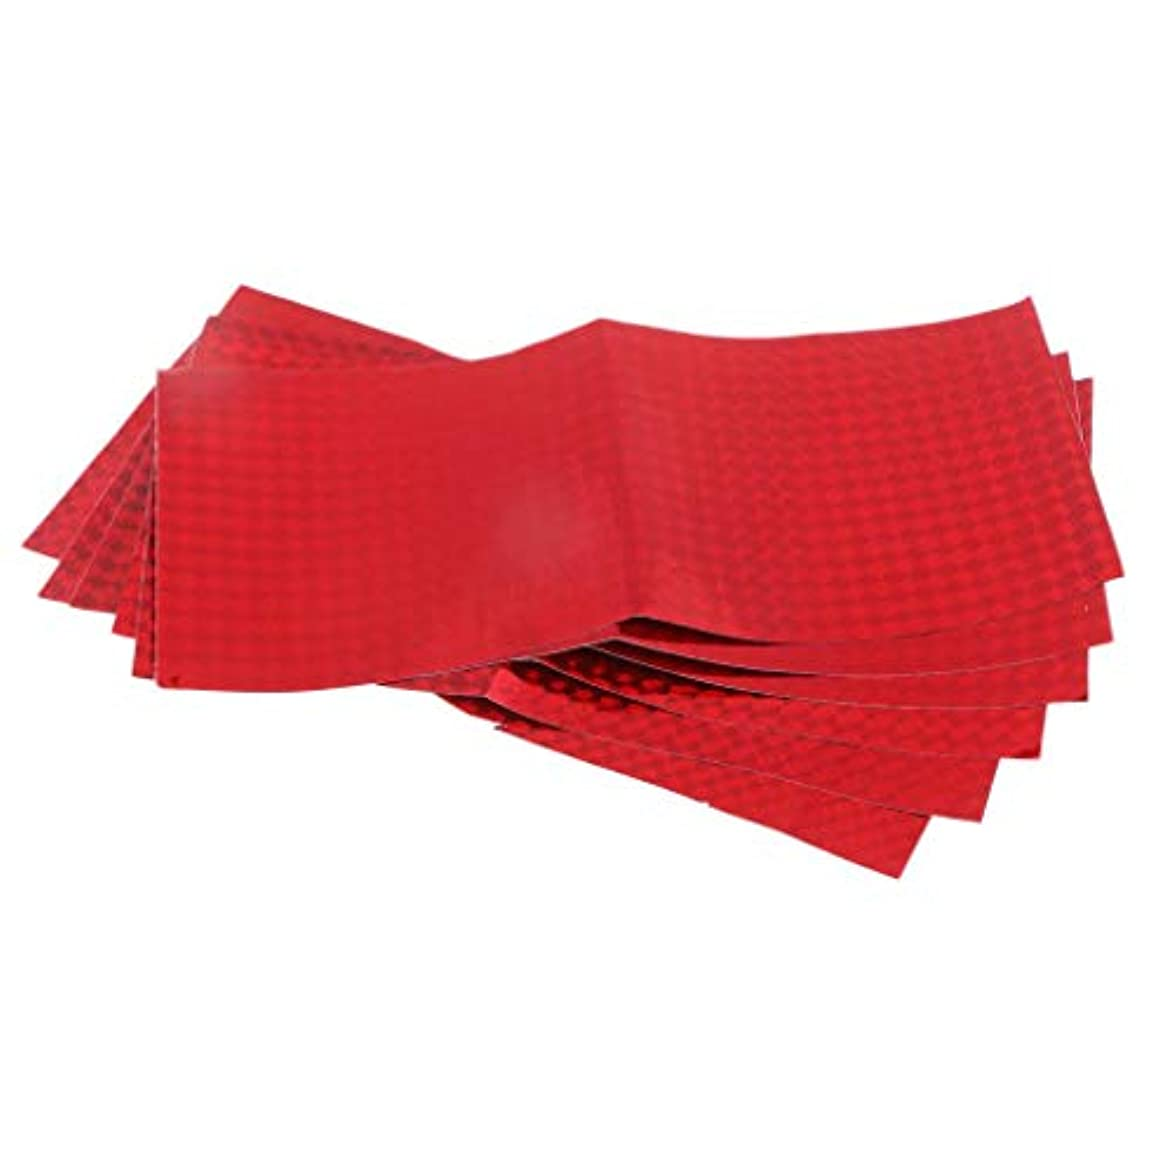 模倣きらめくブラザーB Baosity ルアー材料 釣り餌 手作り 自己粘着 フィルム 反射テープ 装飾 固定 6枚 全3色